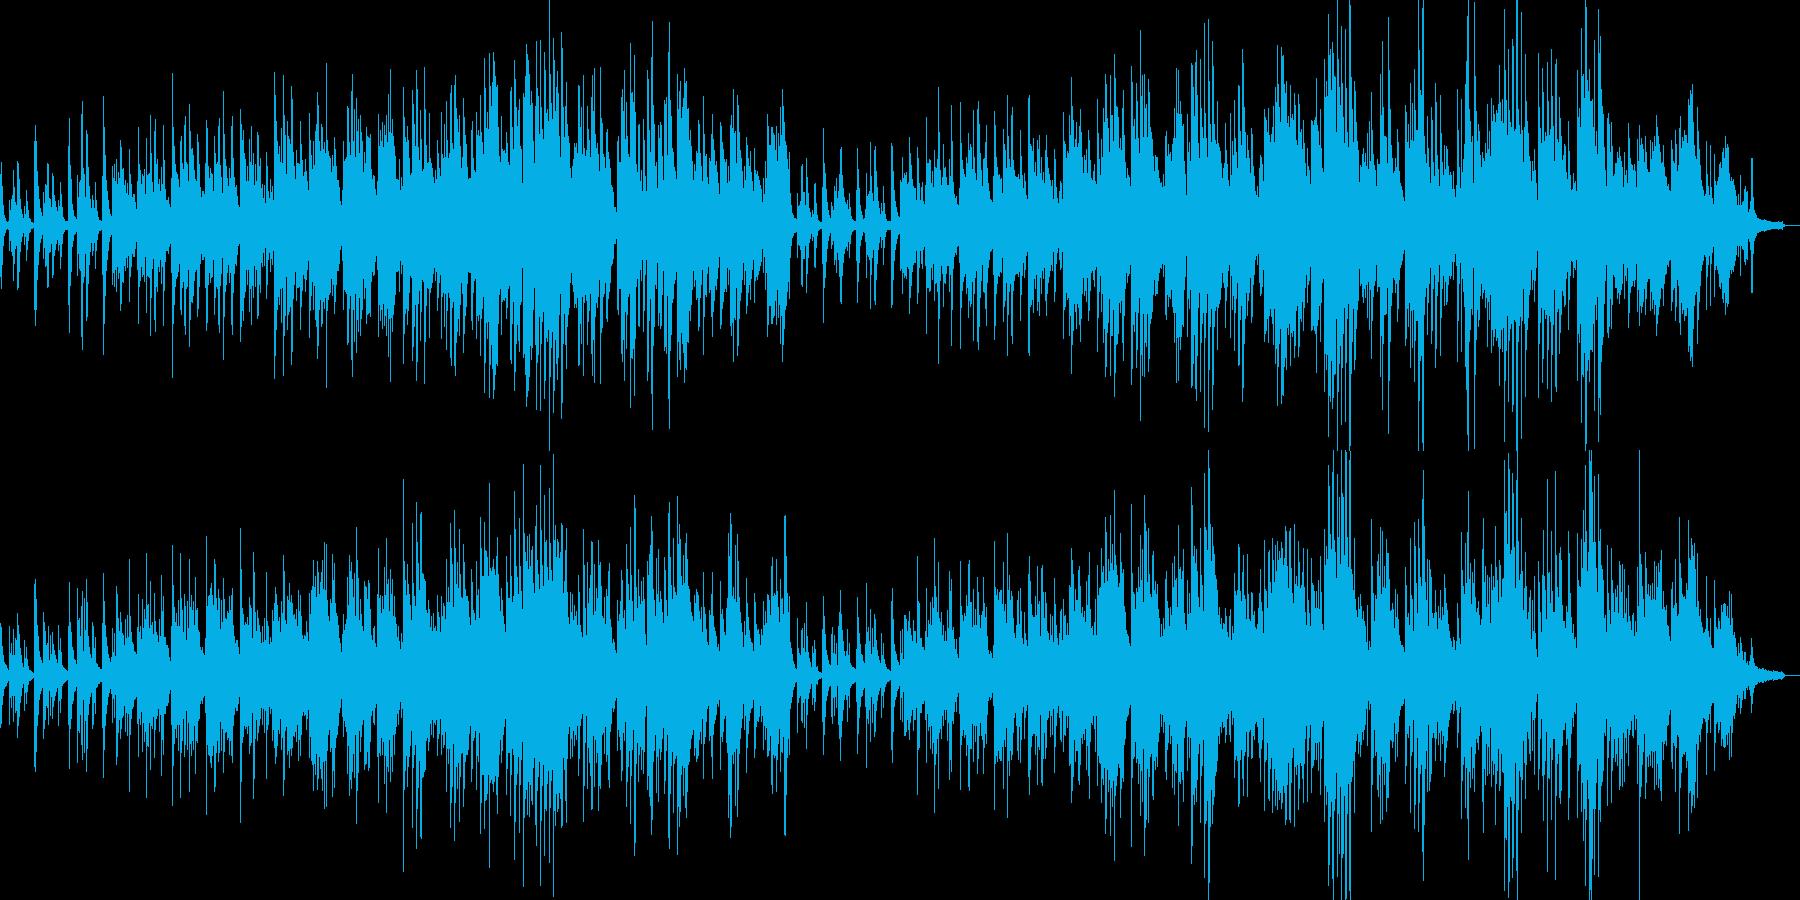 感動的なシーンに適したピアノソロ曲の再生済みの波形